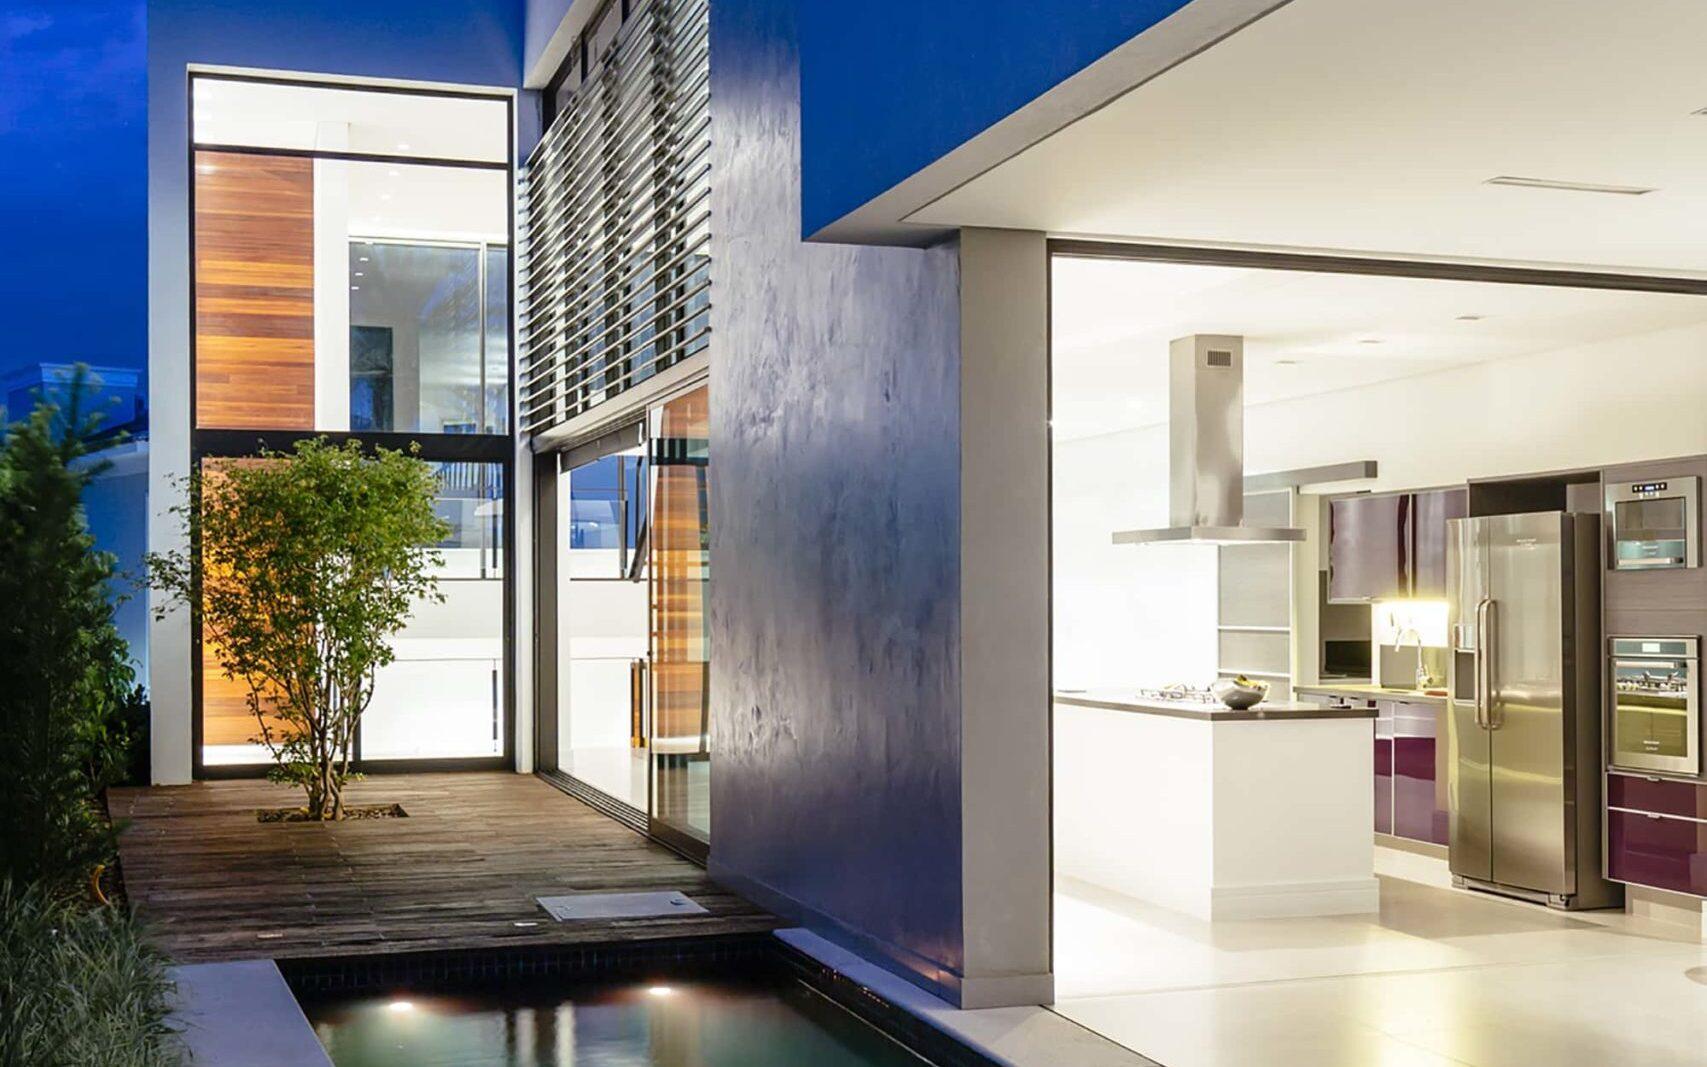 Con una correcta planeación se pueden lograr espacios espectaculares